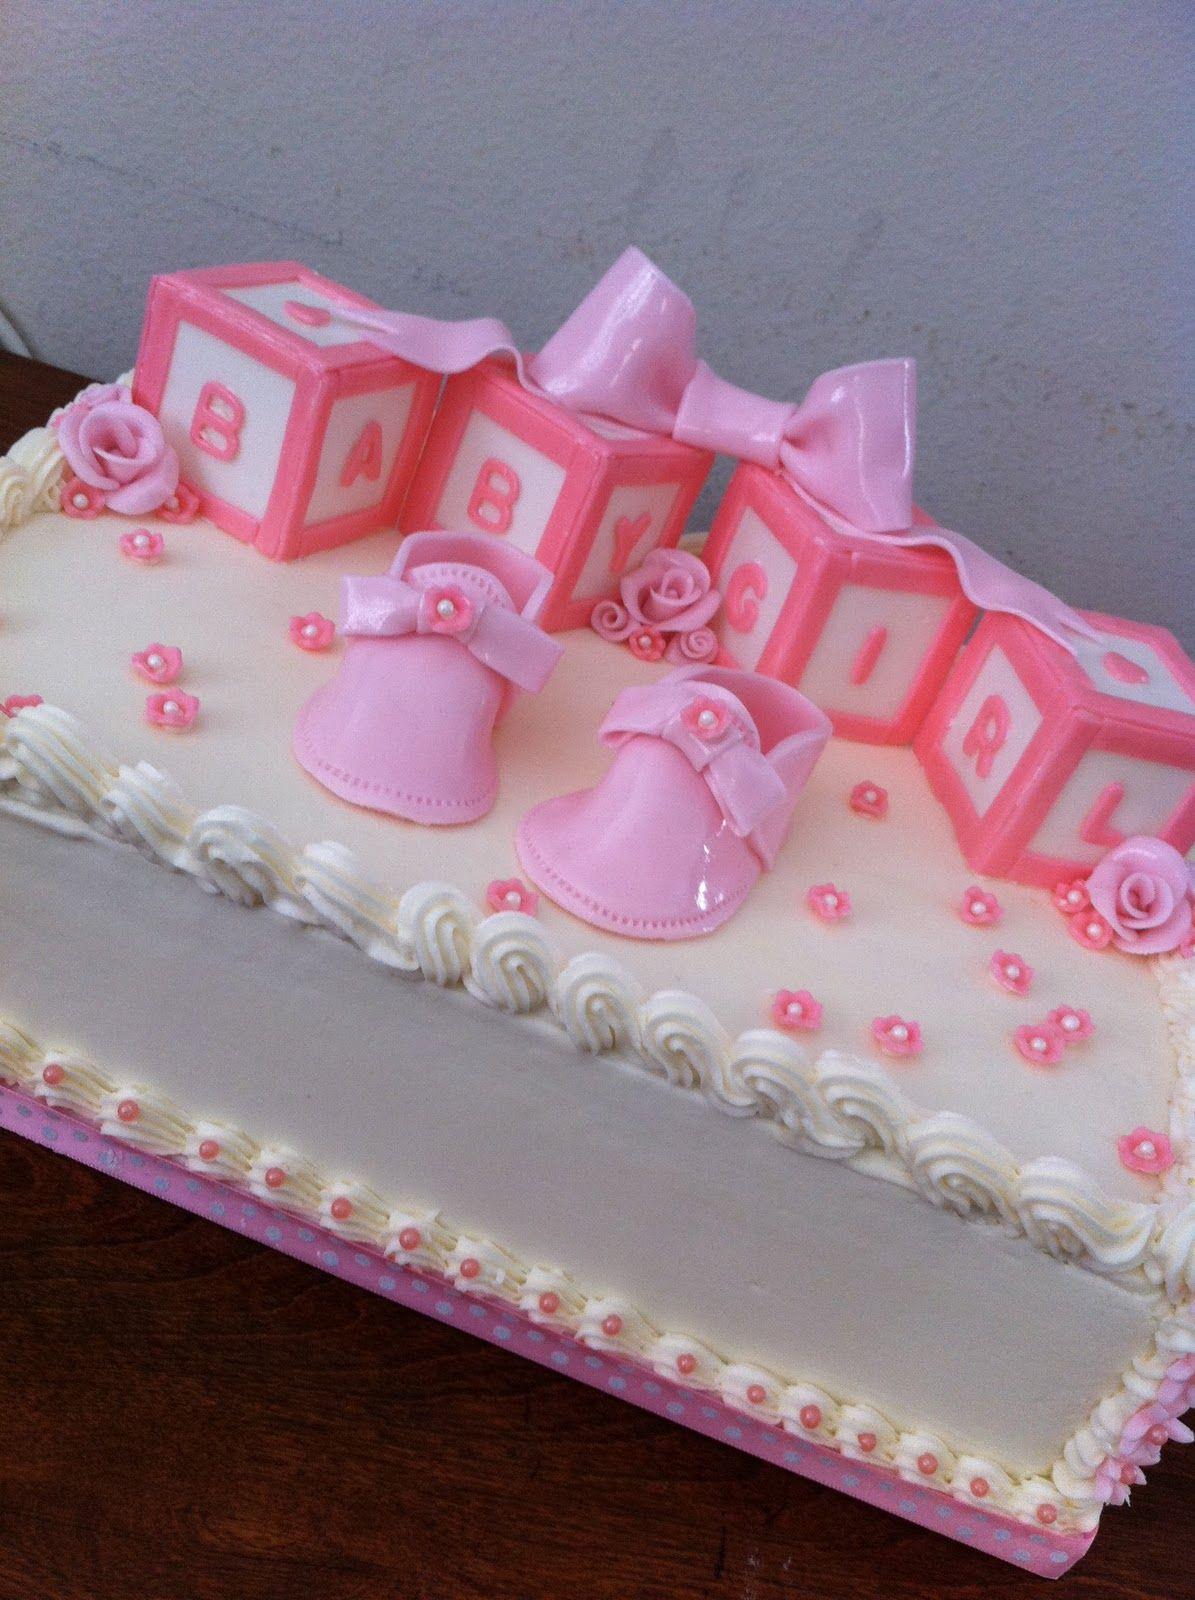 It S A Girl Baby Shower Cake Vanilla Cake W Banana Custard -4060